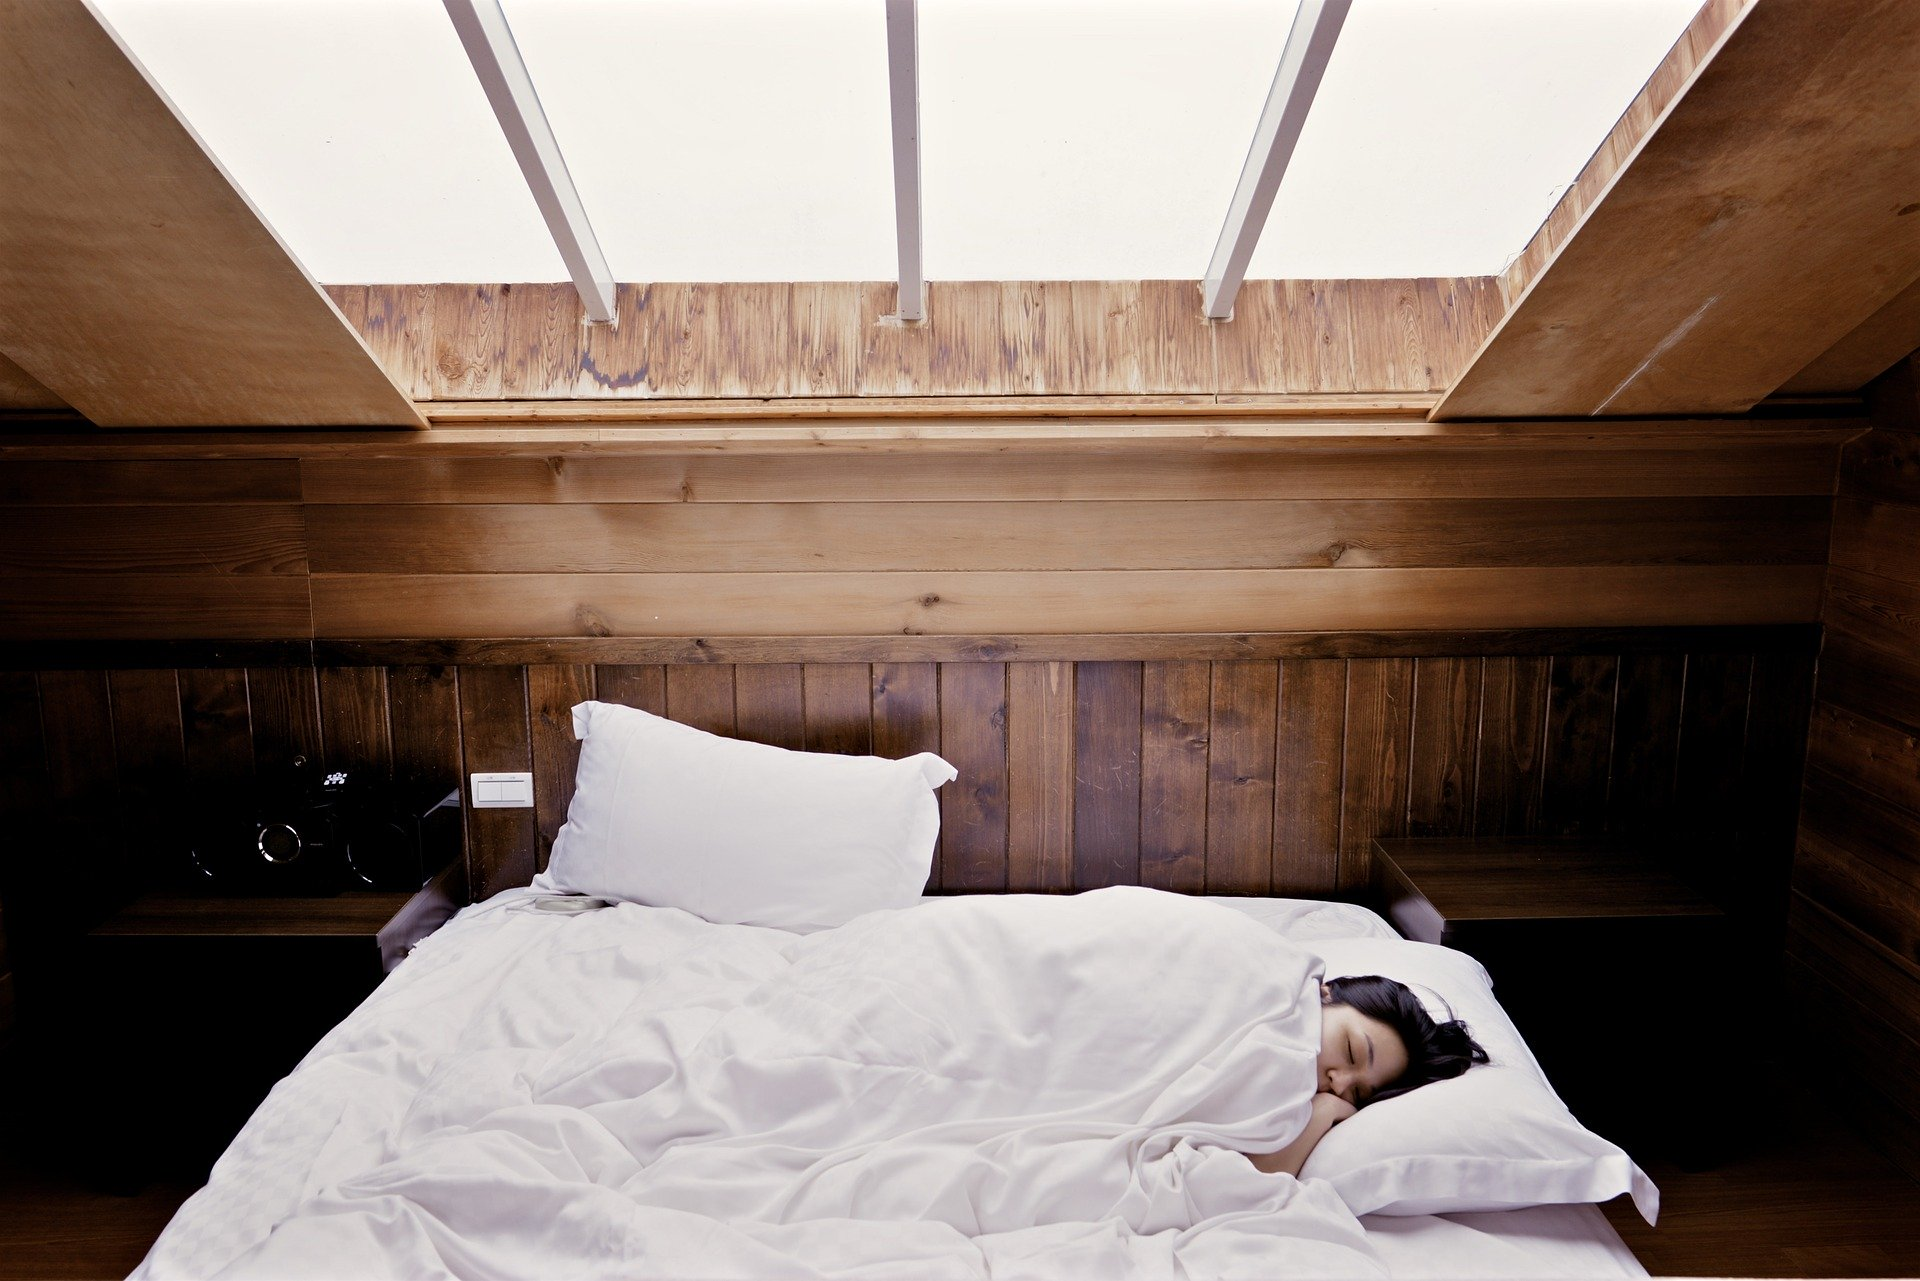 сон, кровать, спящая девушка